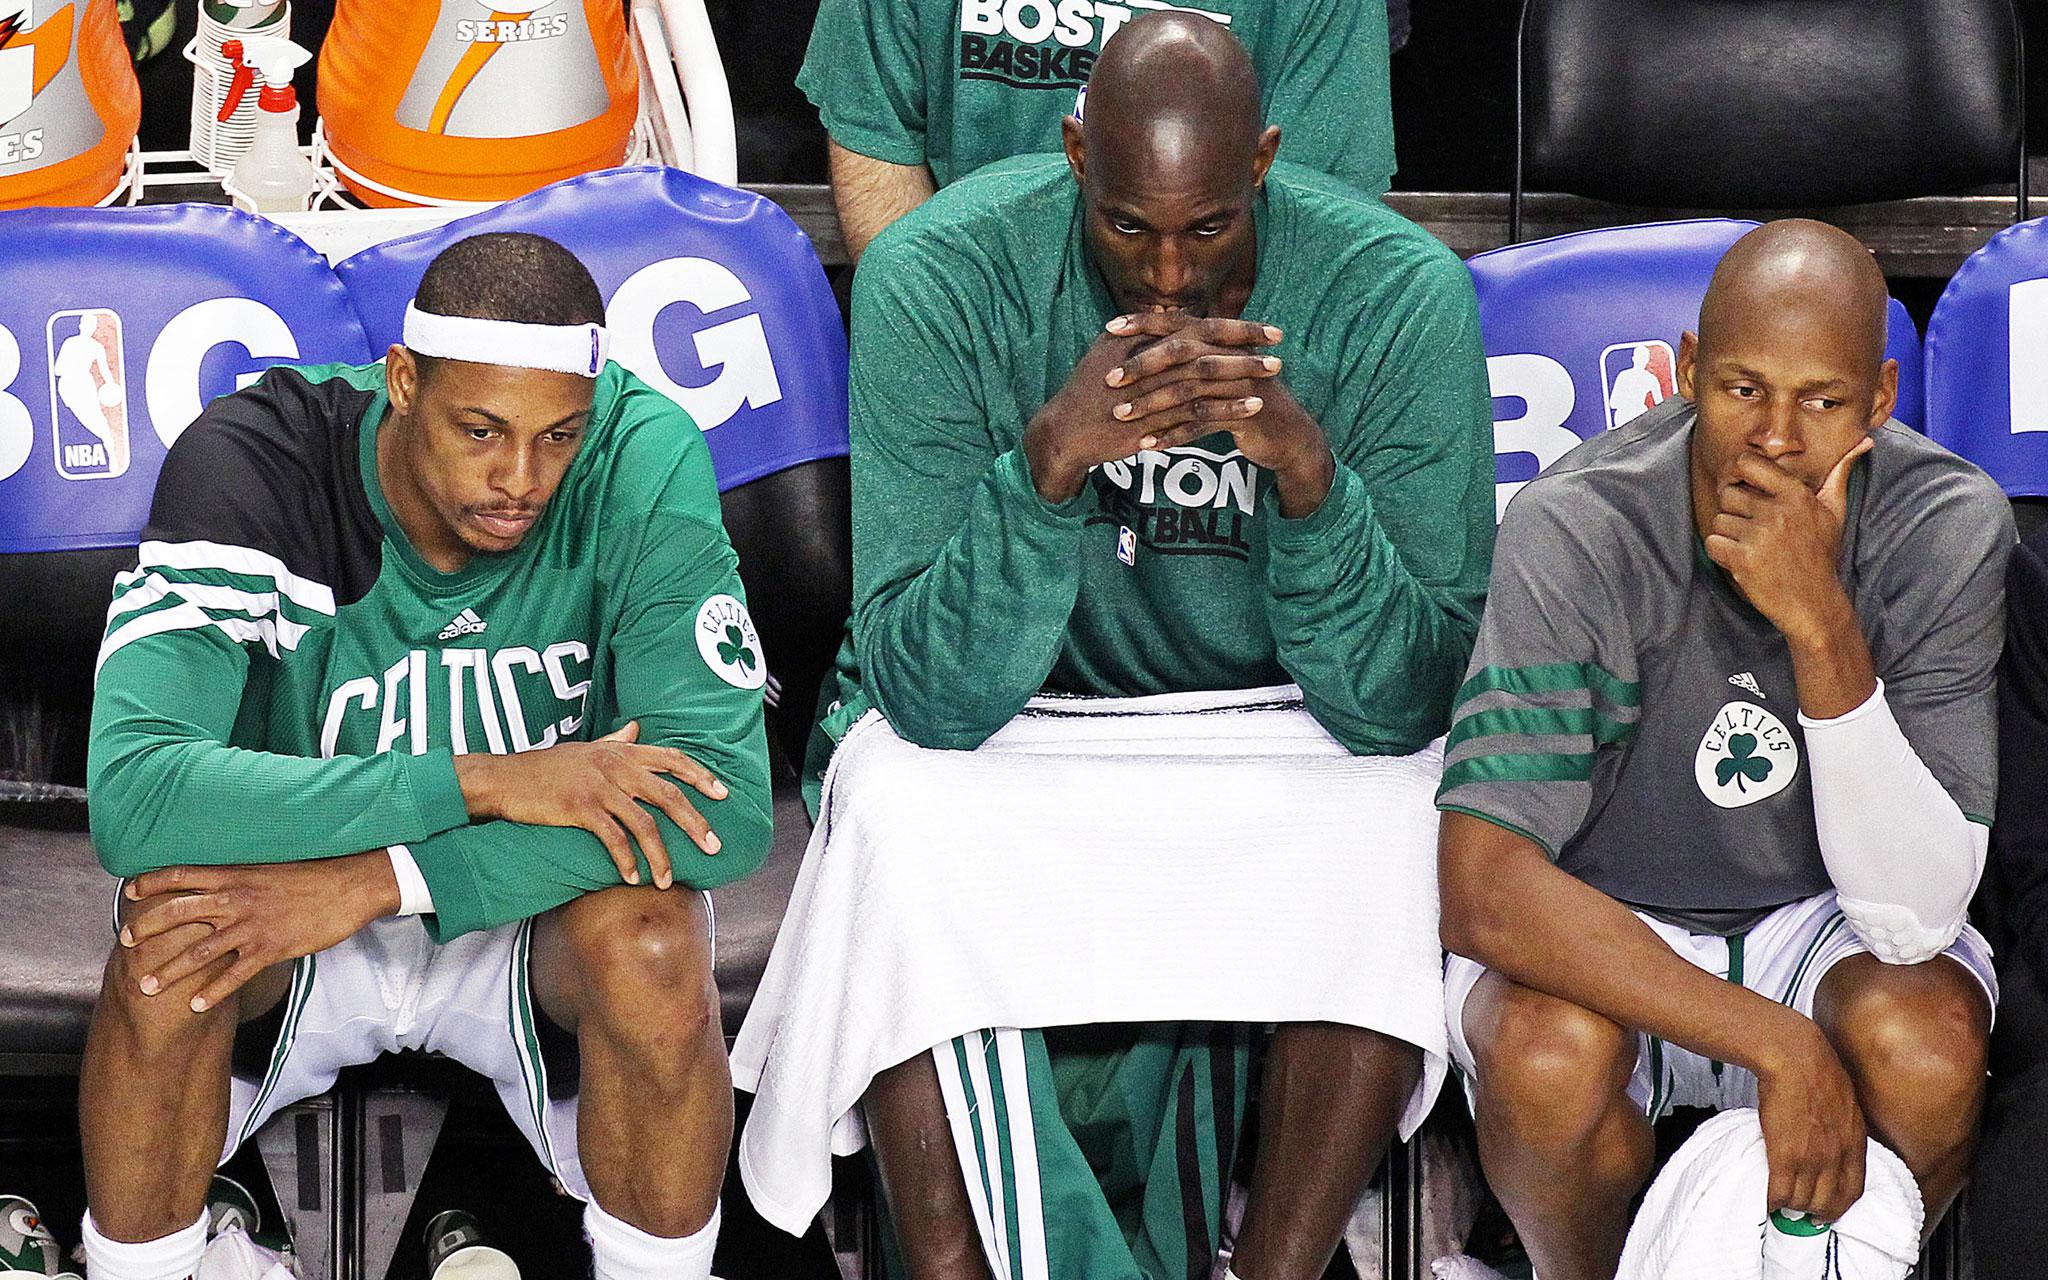 4. Celtics Get LeBronned